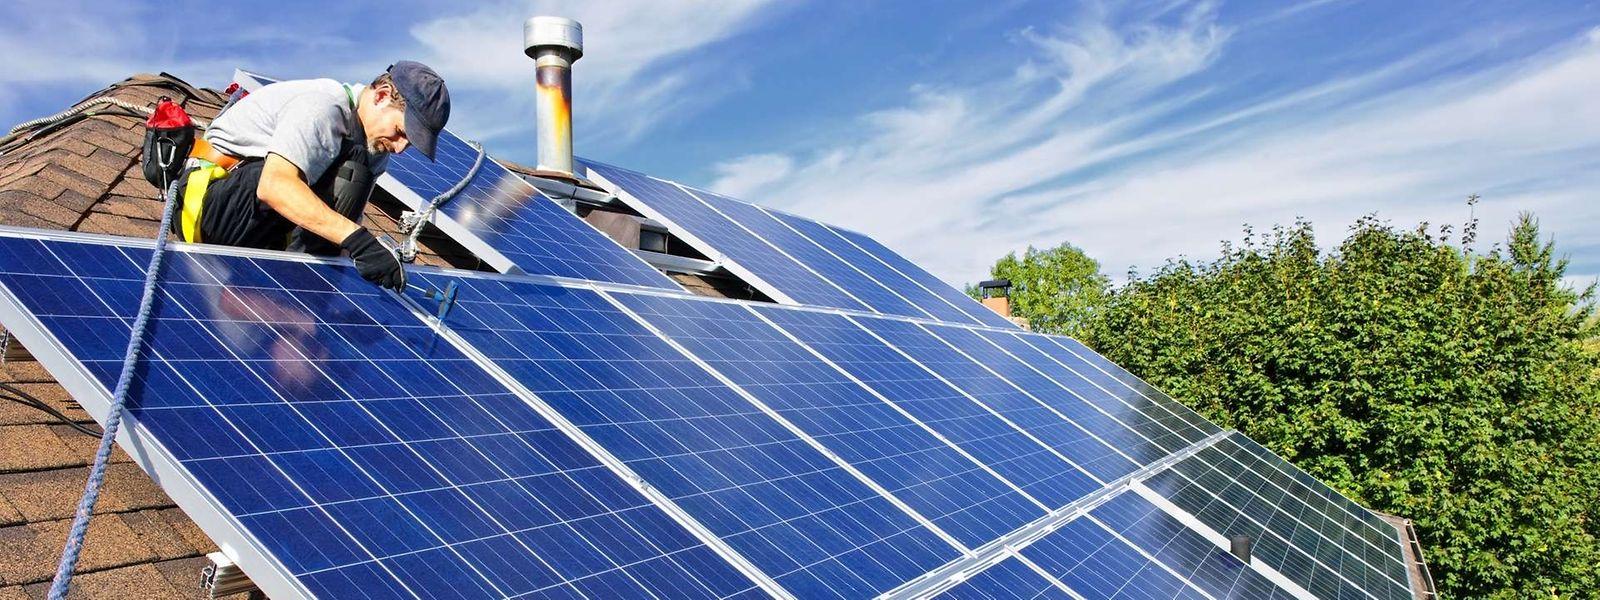 La future loi énergie prévoit non seulement d'encourager l'autoconsommation, mais aussi l'optimisation des flux sur le réseau électrique national.